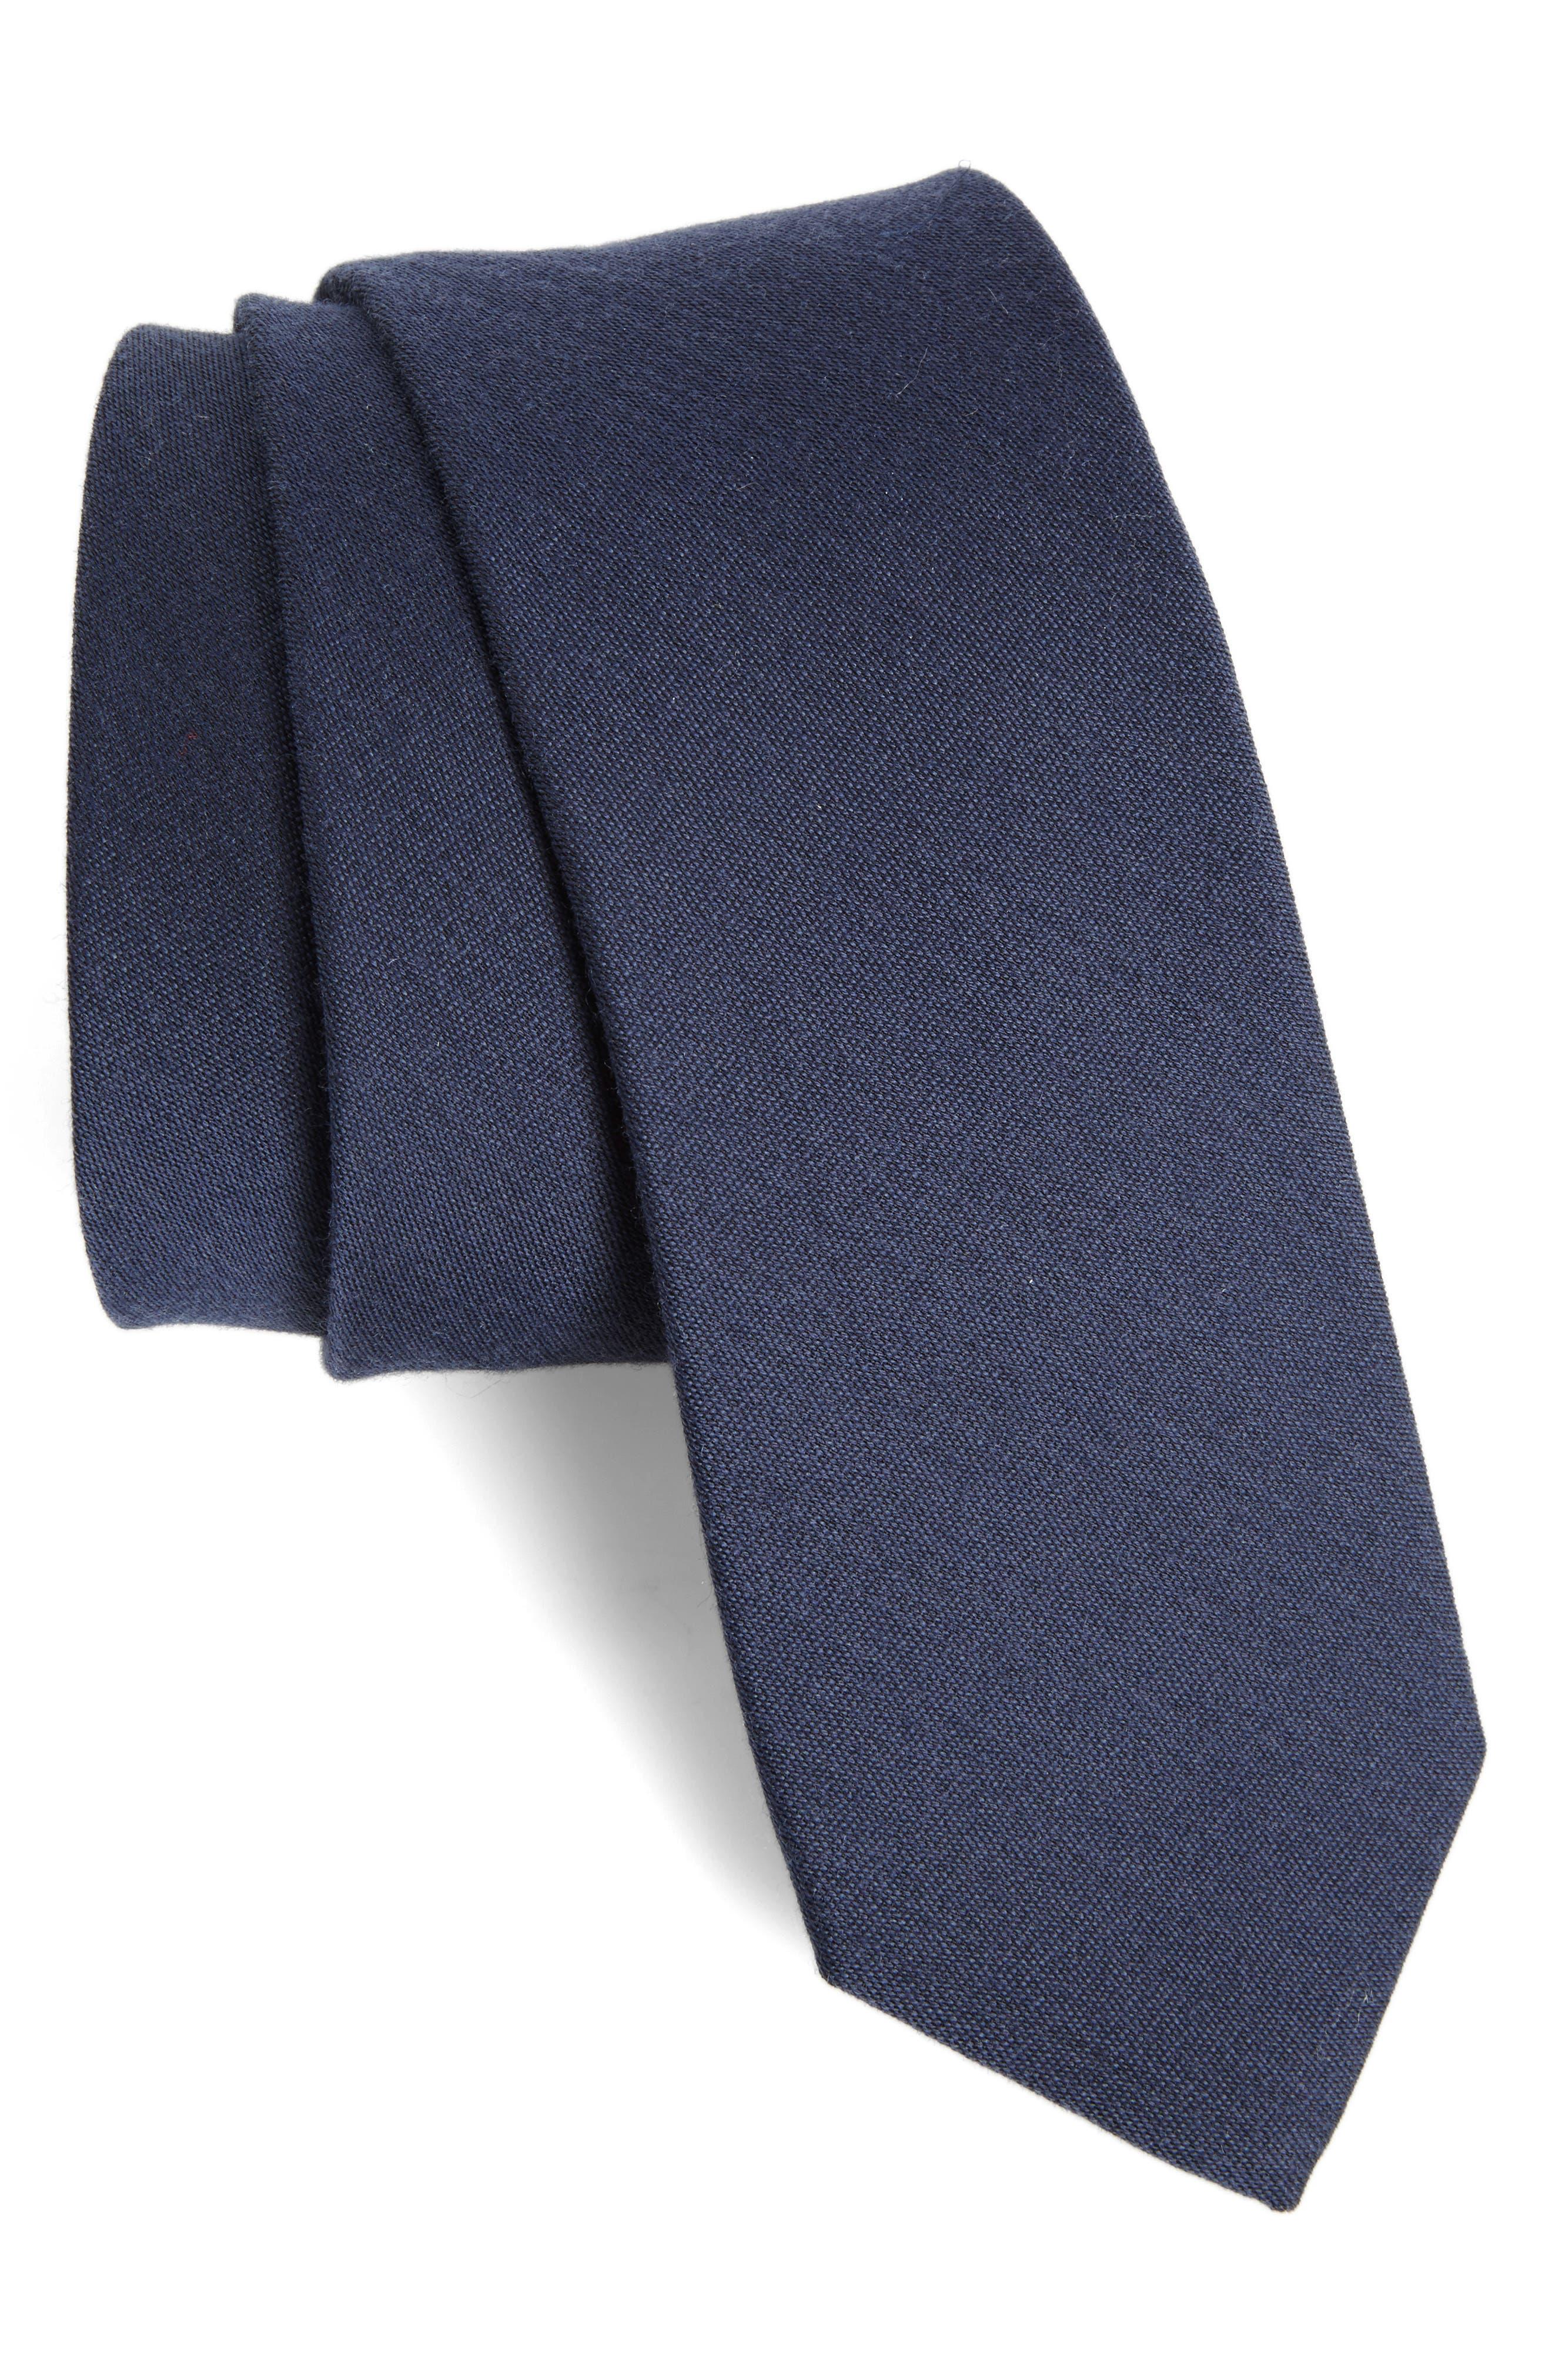 Main Image - The Tie Bar Solid Wool Blend Skinny Tie